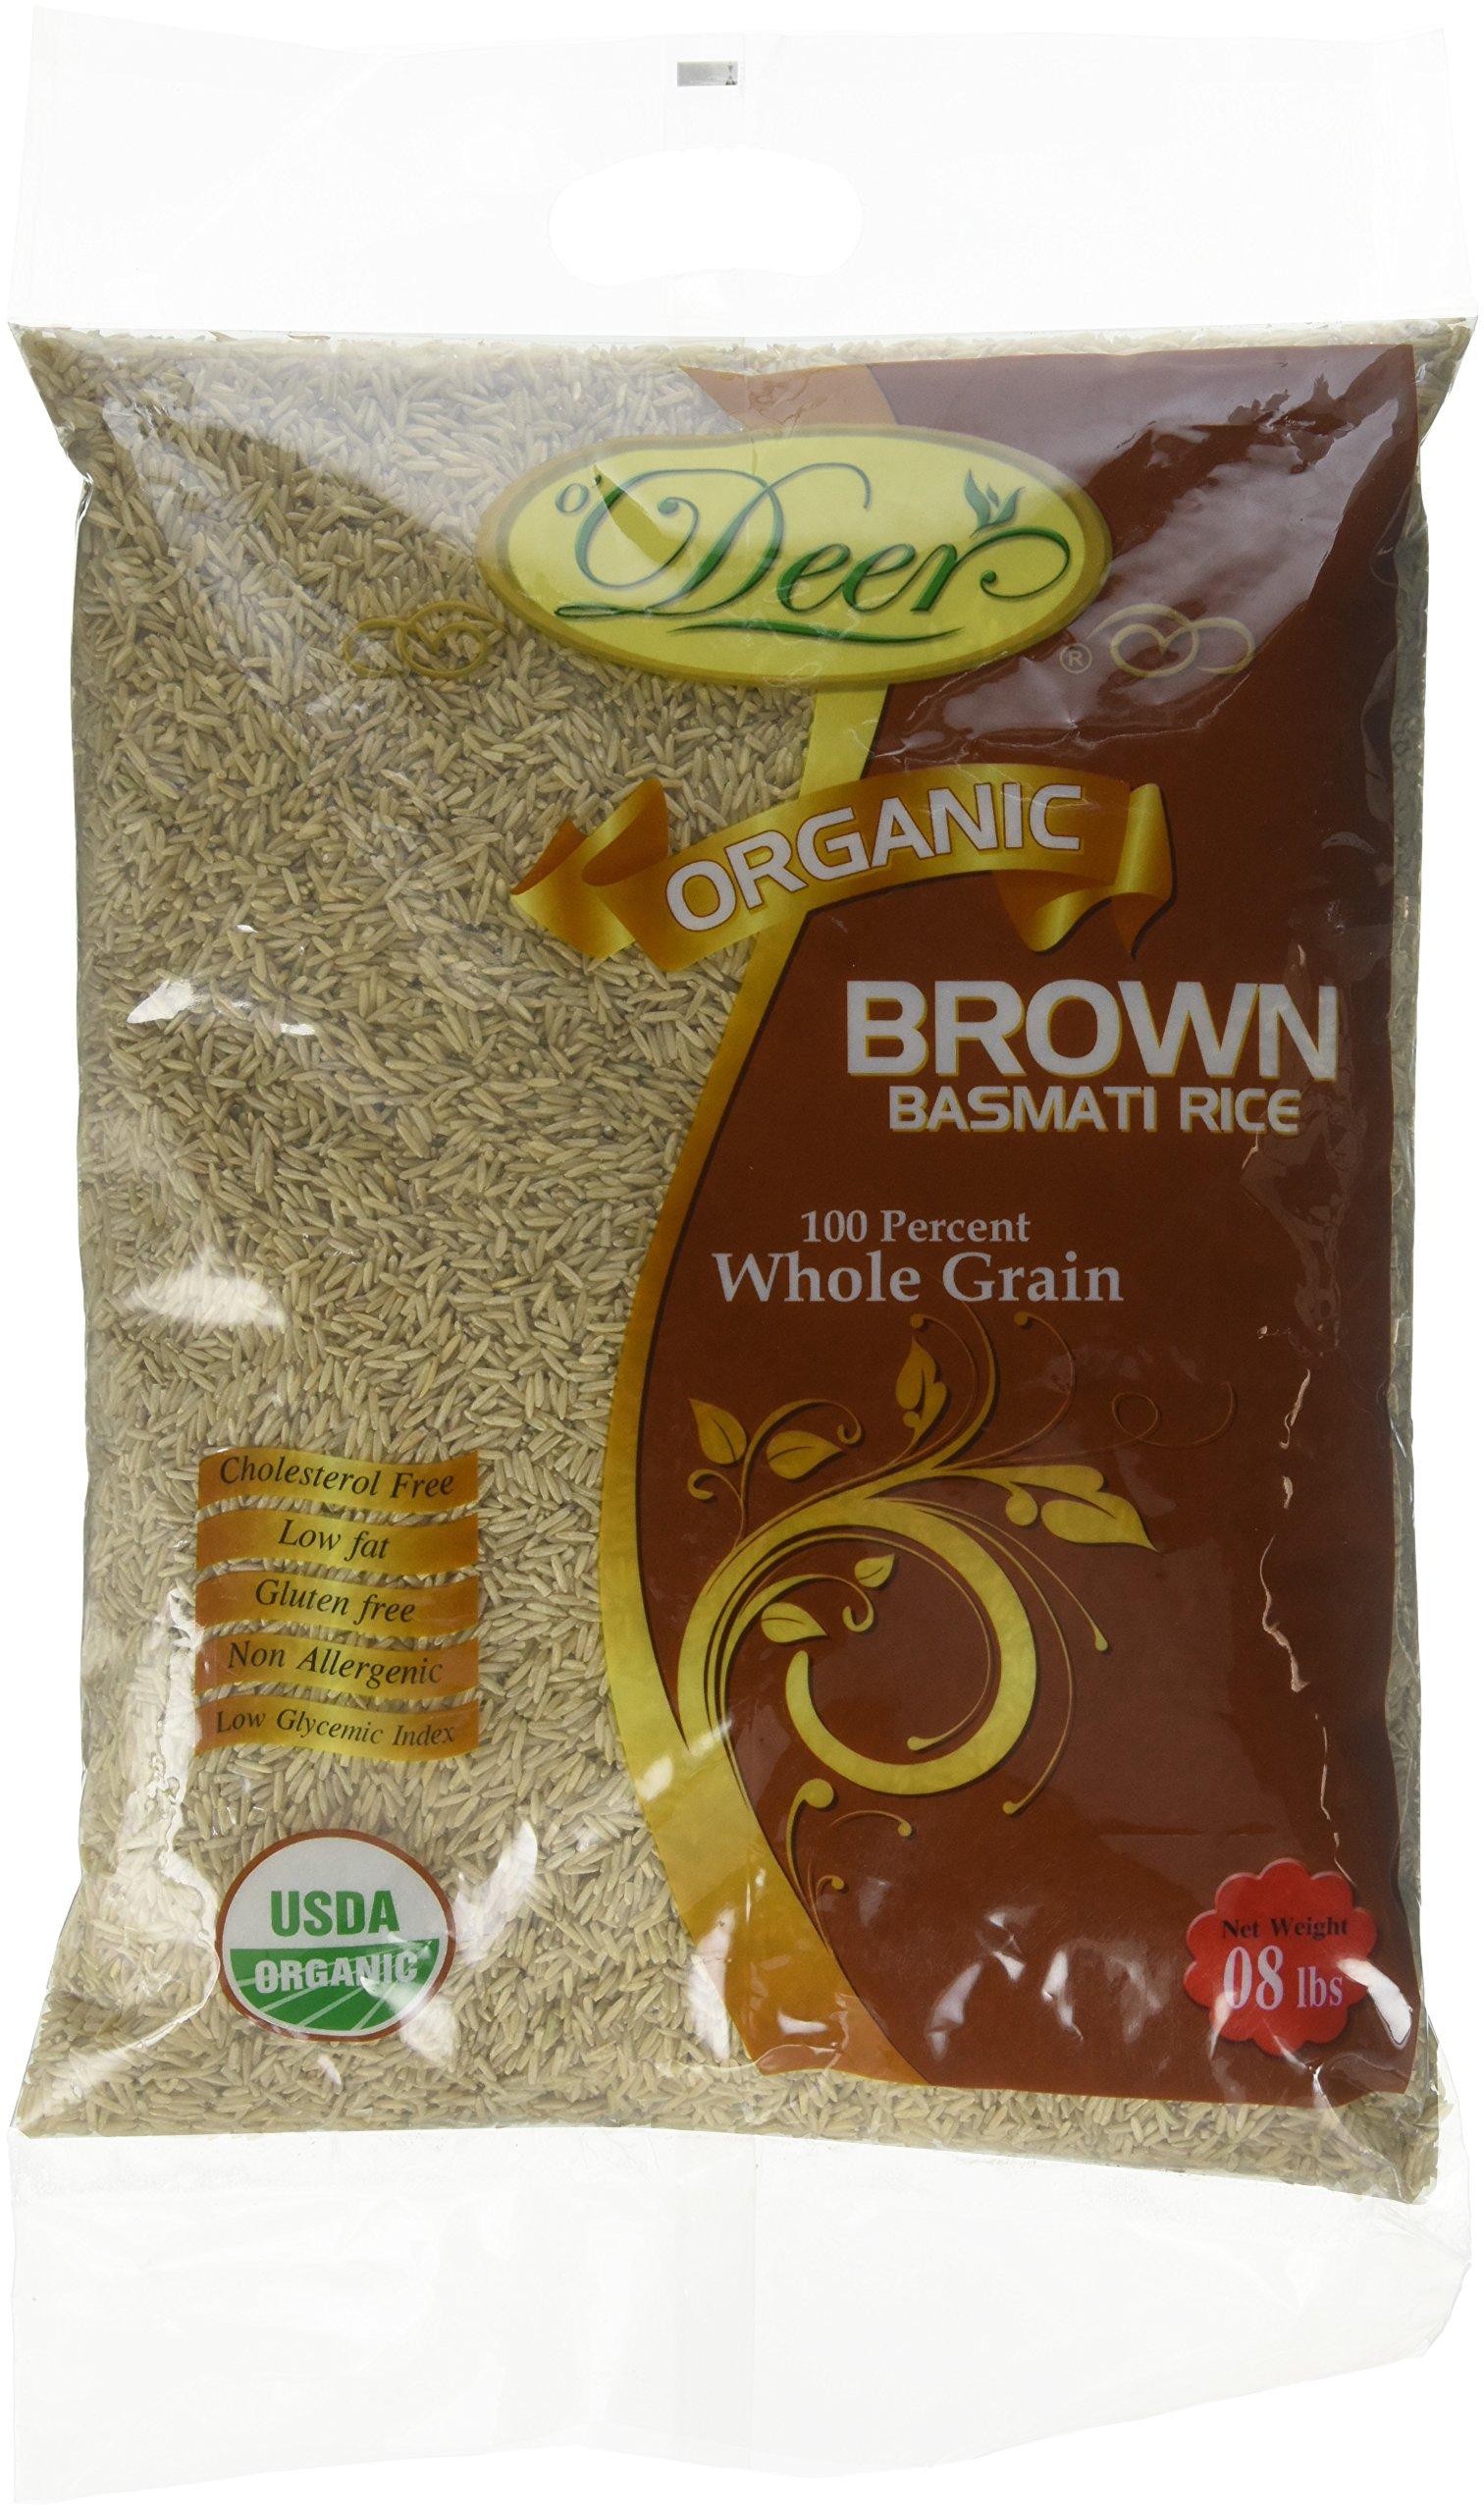 Deer, Brown Basmati Rice, 8 Pound(LB)